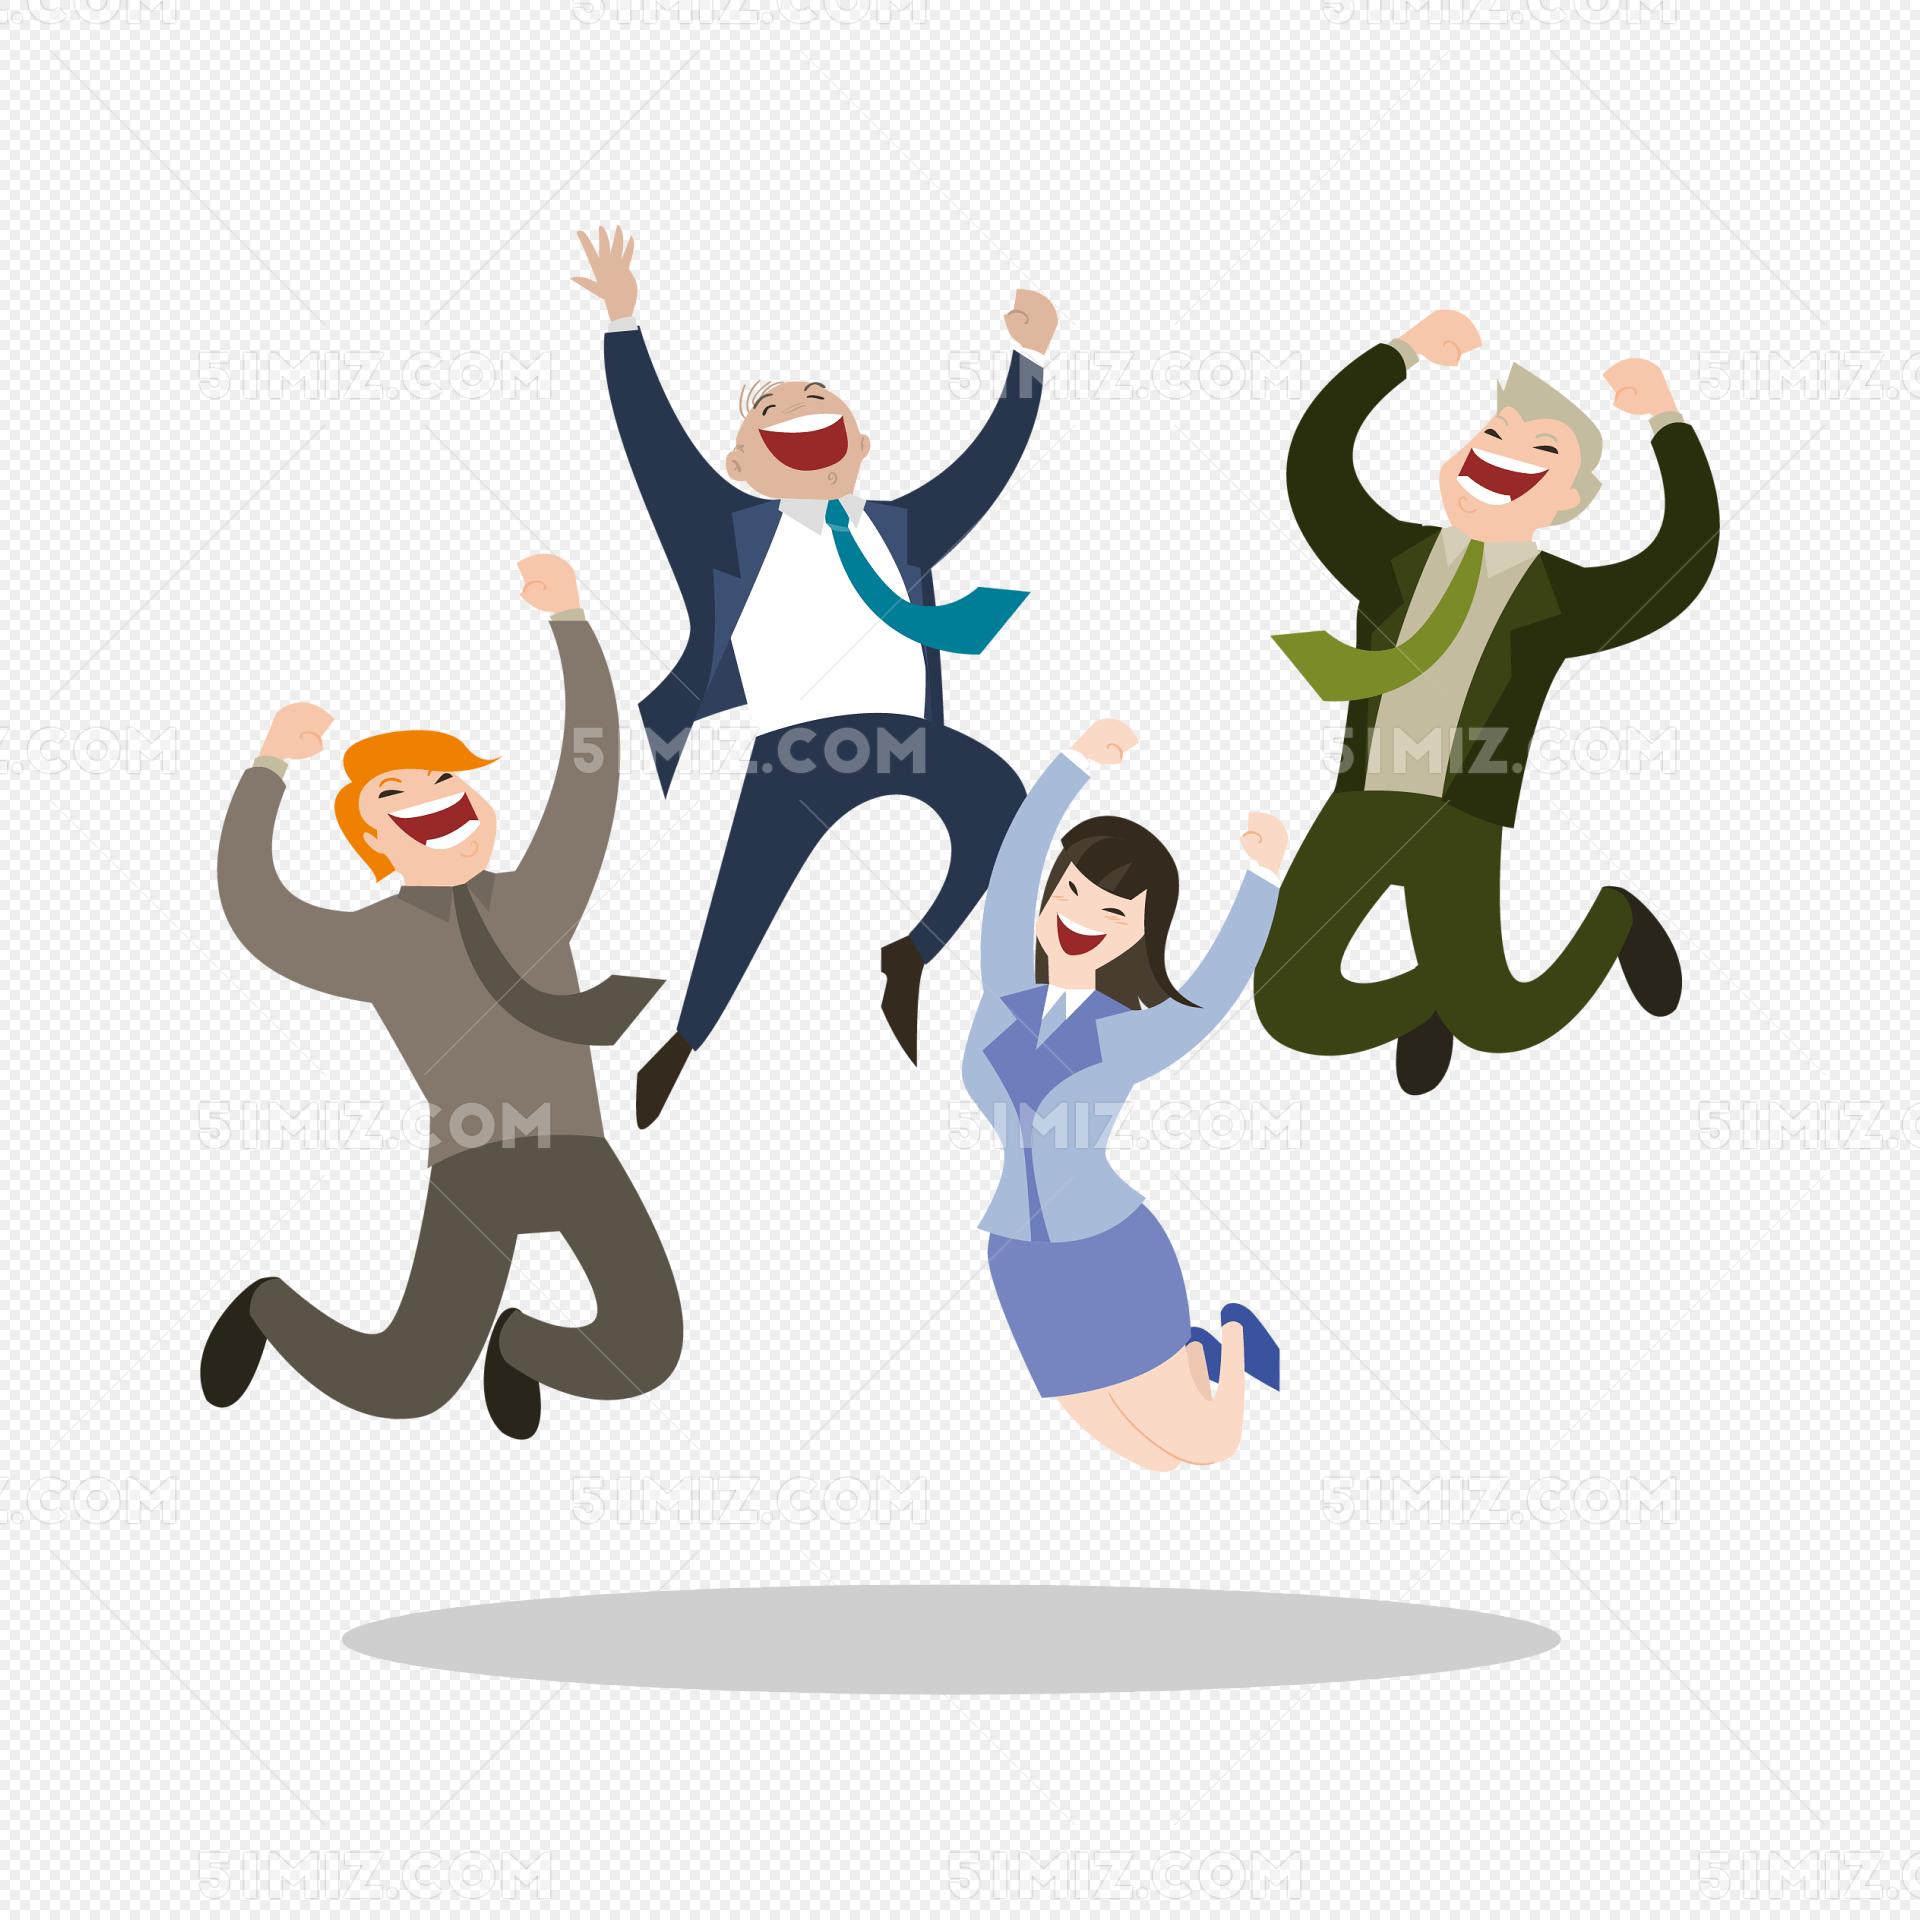 跳跃欢呼的商务人物矢量素材 一群人欢呼免费下载